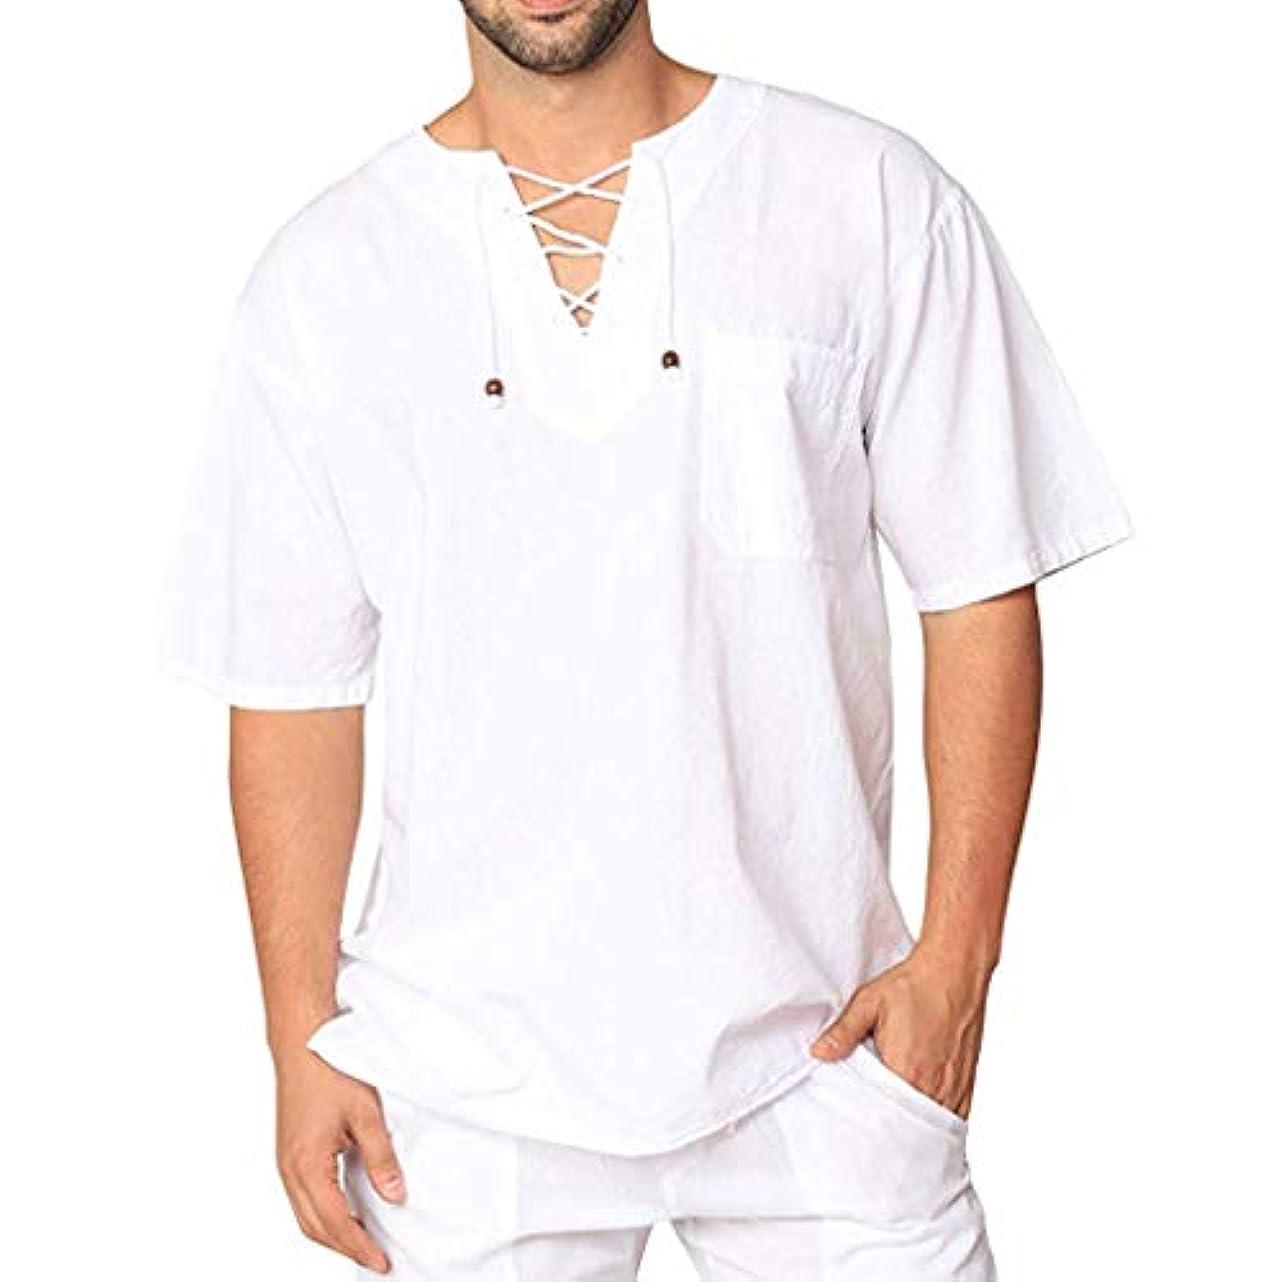 測定費やす創傷Wyntroy メンズシャツ この夏人気のシャツ スウェット 綿麻服 薄手 男性 ゆったり トップス 春夏シャツ カットソー レジャーシャツ 無地 Vネックボタン 半袖 Tシャツ 友達へのプレゼント ファッショントップ サマートップ